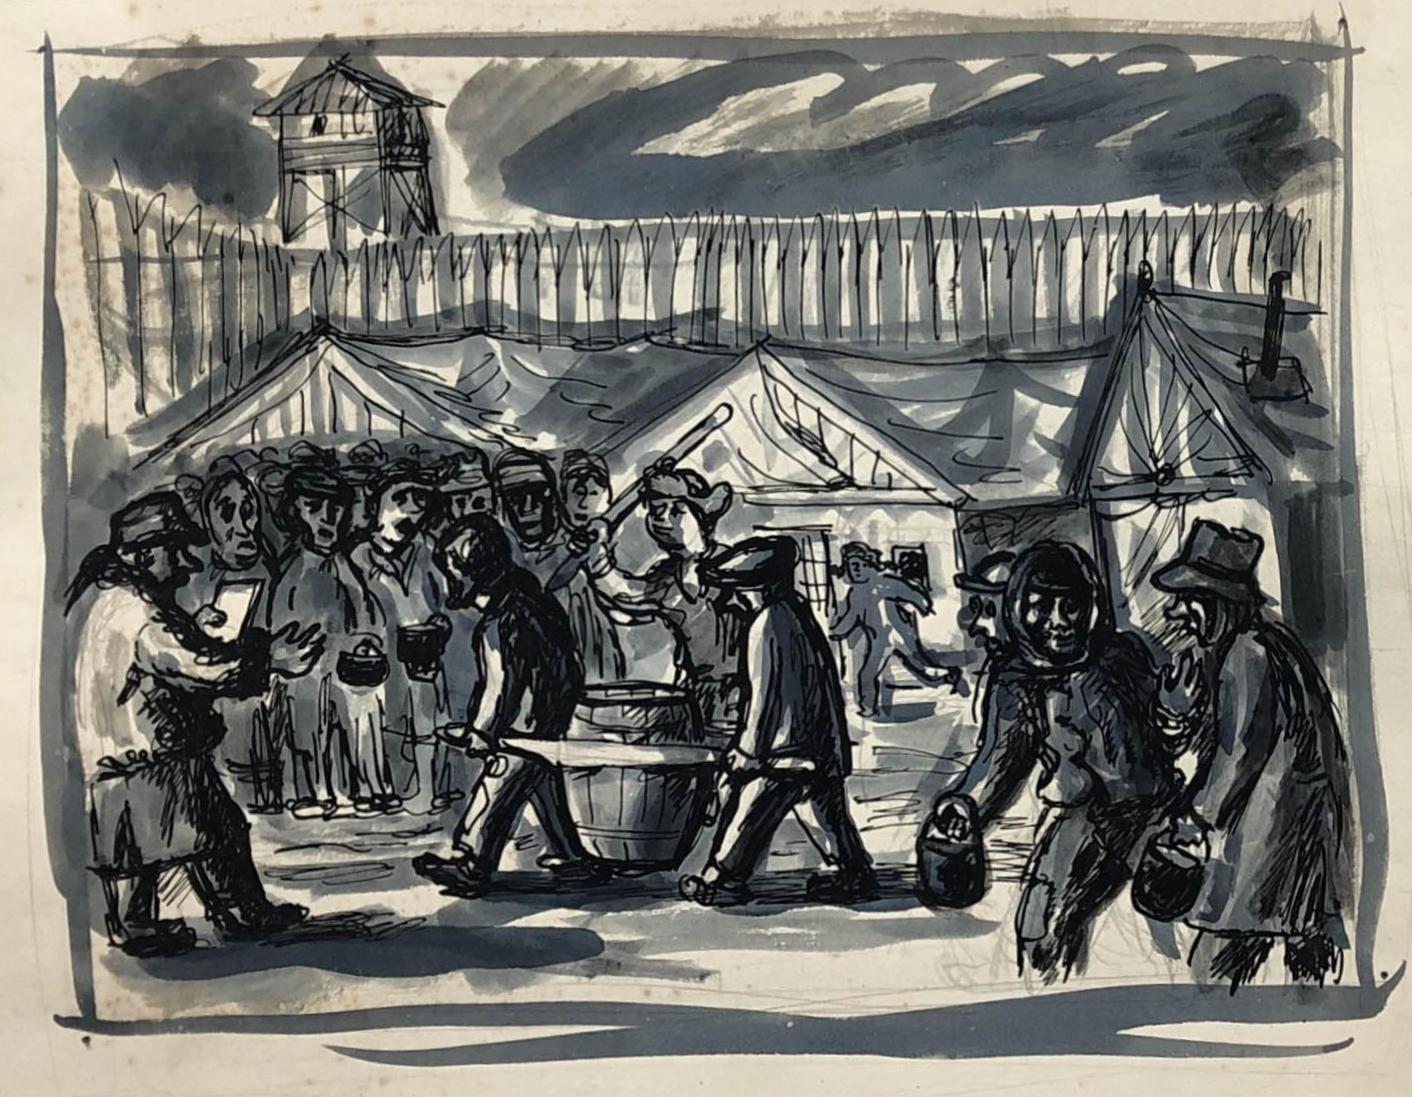 Praca przedstawiająca więźniów oczekujących naposiłek. Obóz wKożwie nadPeczorą, gwasz napapierze, Adam Kossowski, praca stworzona wLondynie w1943 roku.